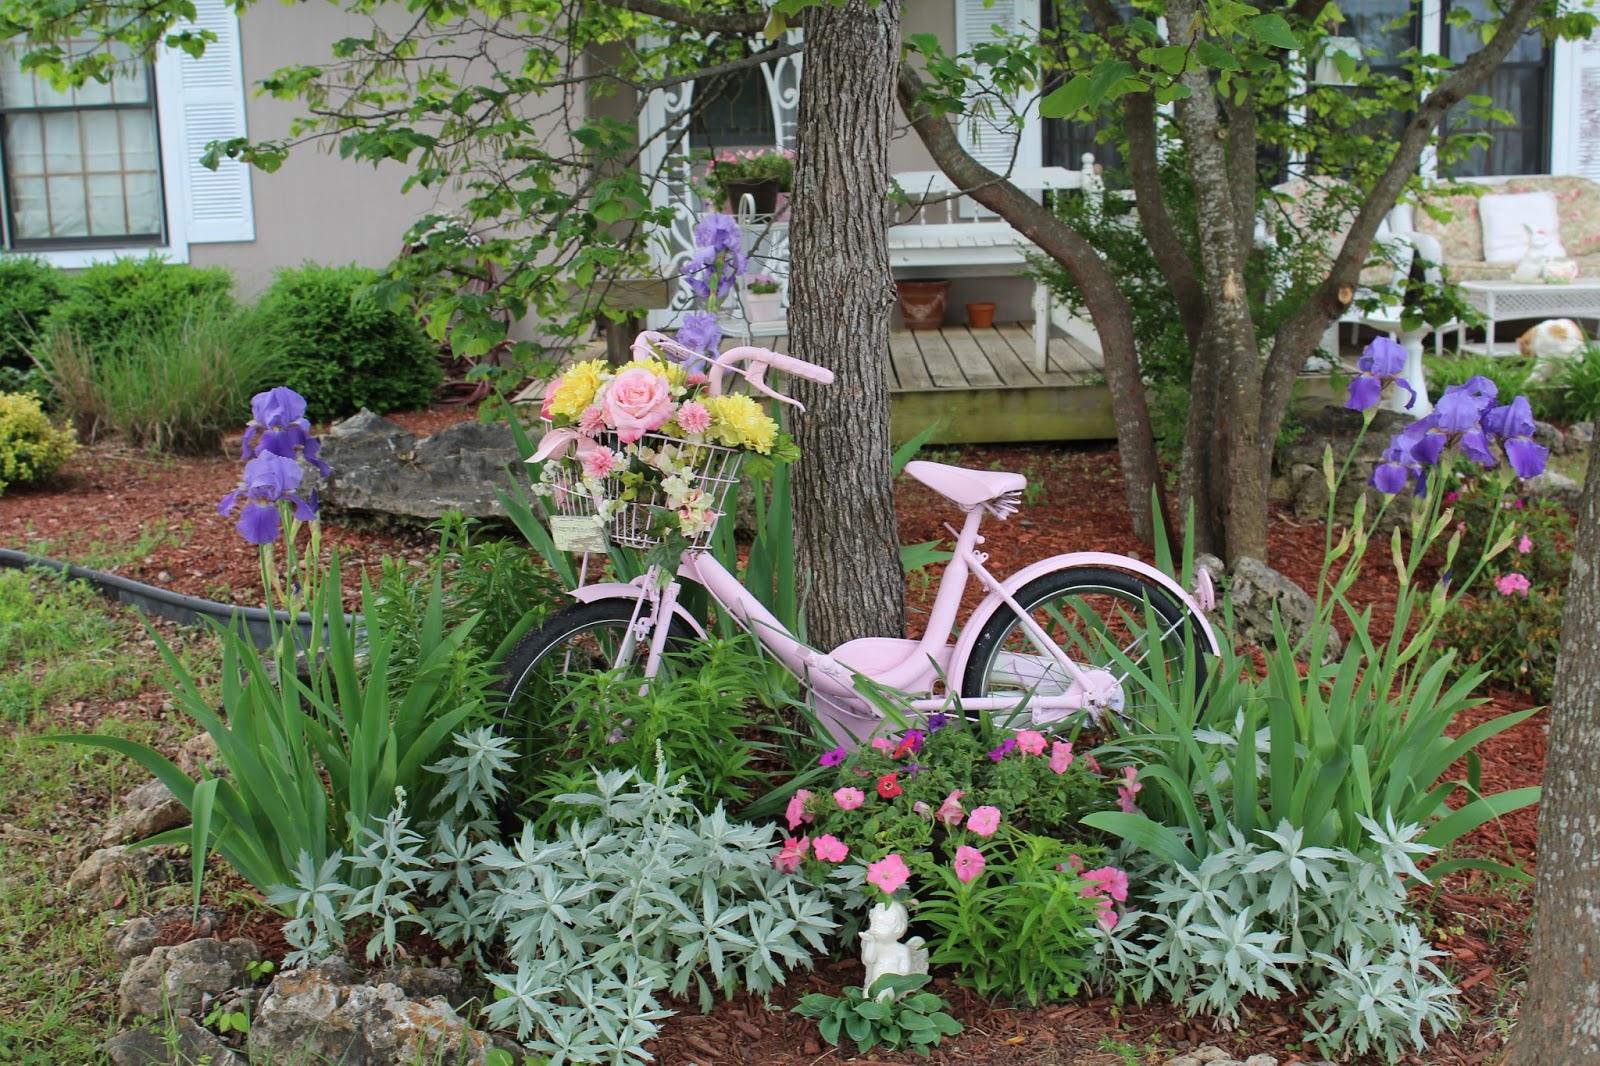 fiori odori e colori nei giardini in stile shabby il blog italiano sullo shabby chic e non solo. Black Bedroom Furniture Sets. Home Design Ideas